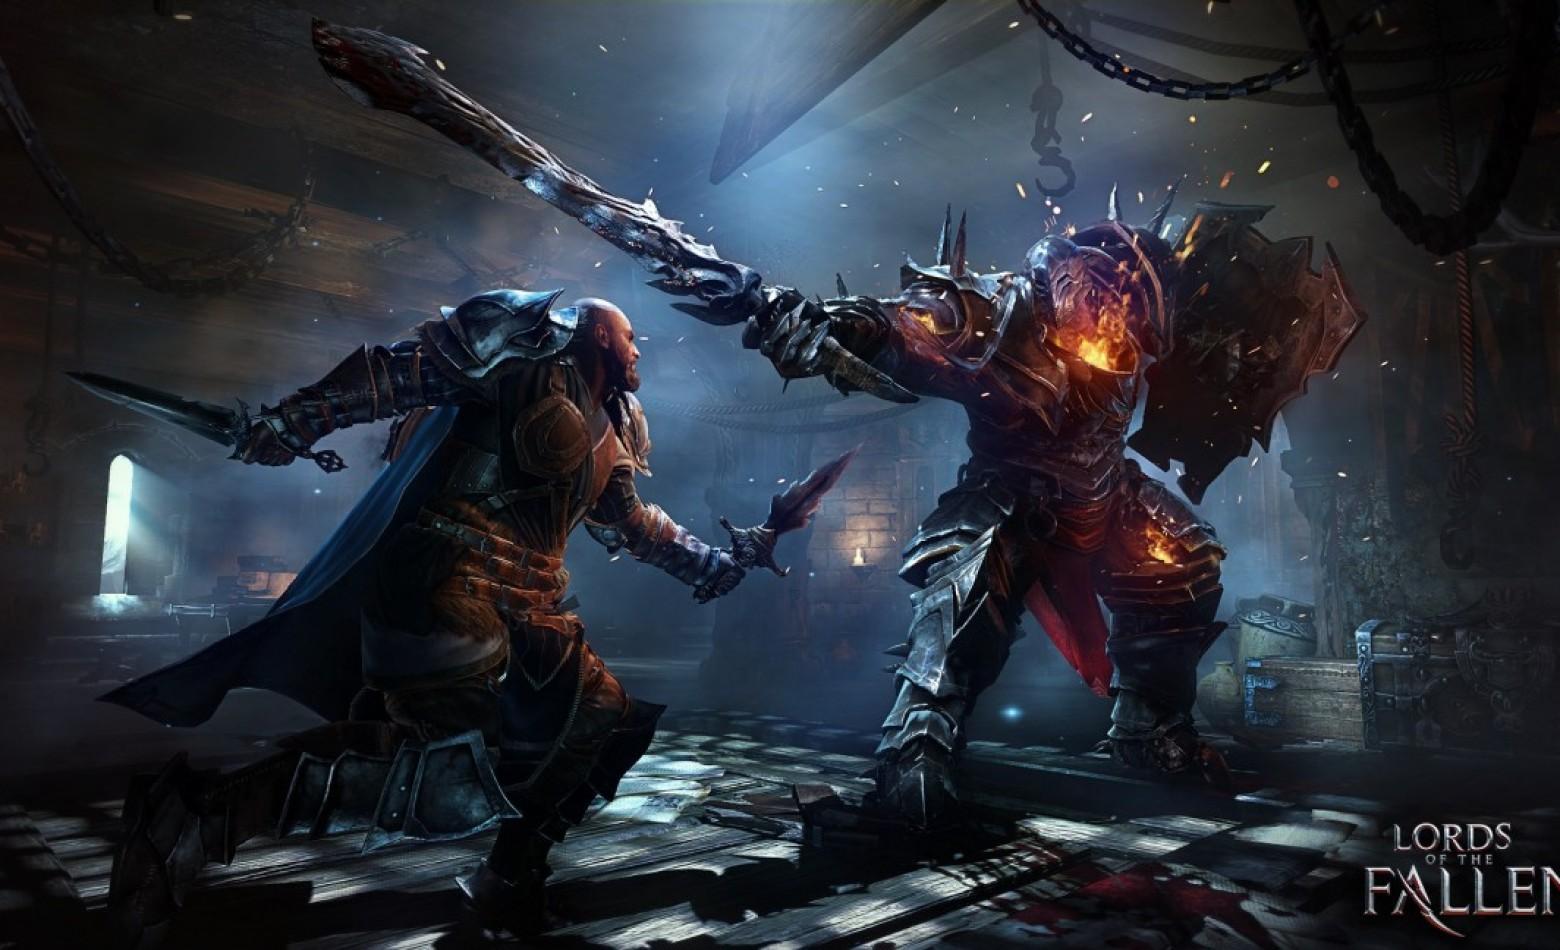 Estúdio confirma produção de Lords of the Fallen 2